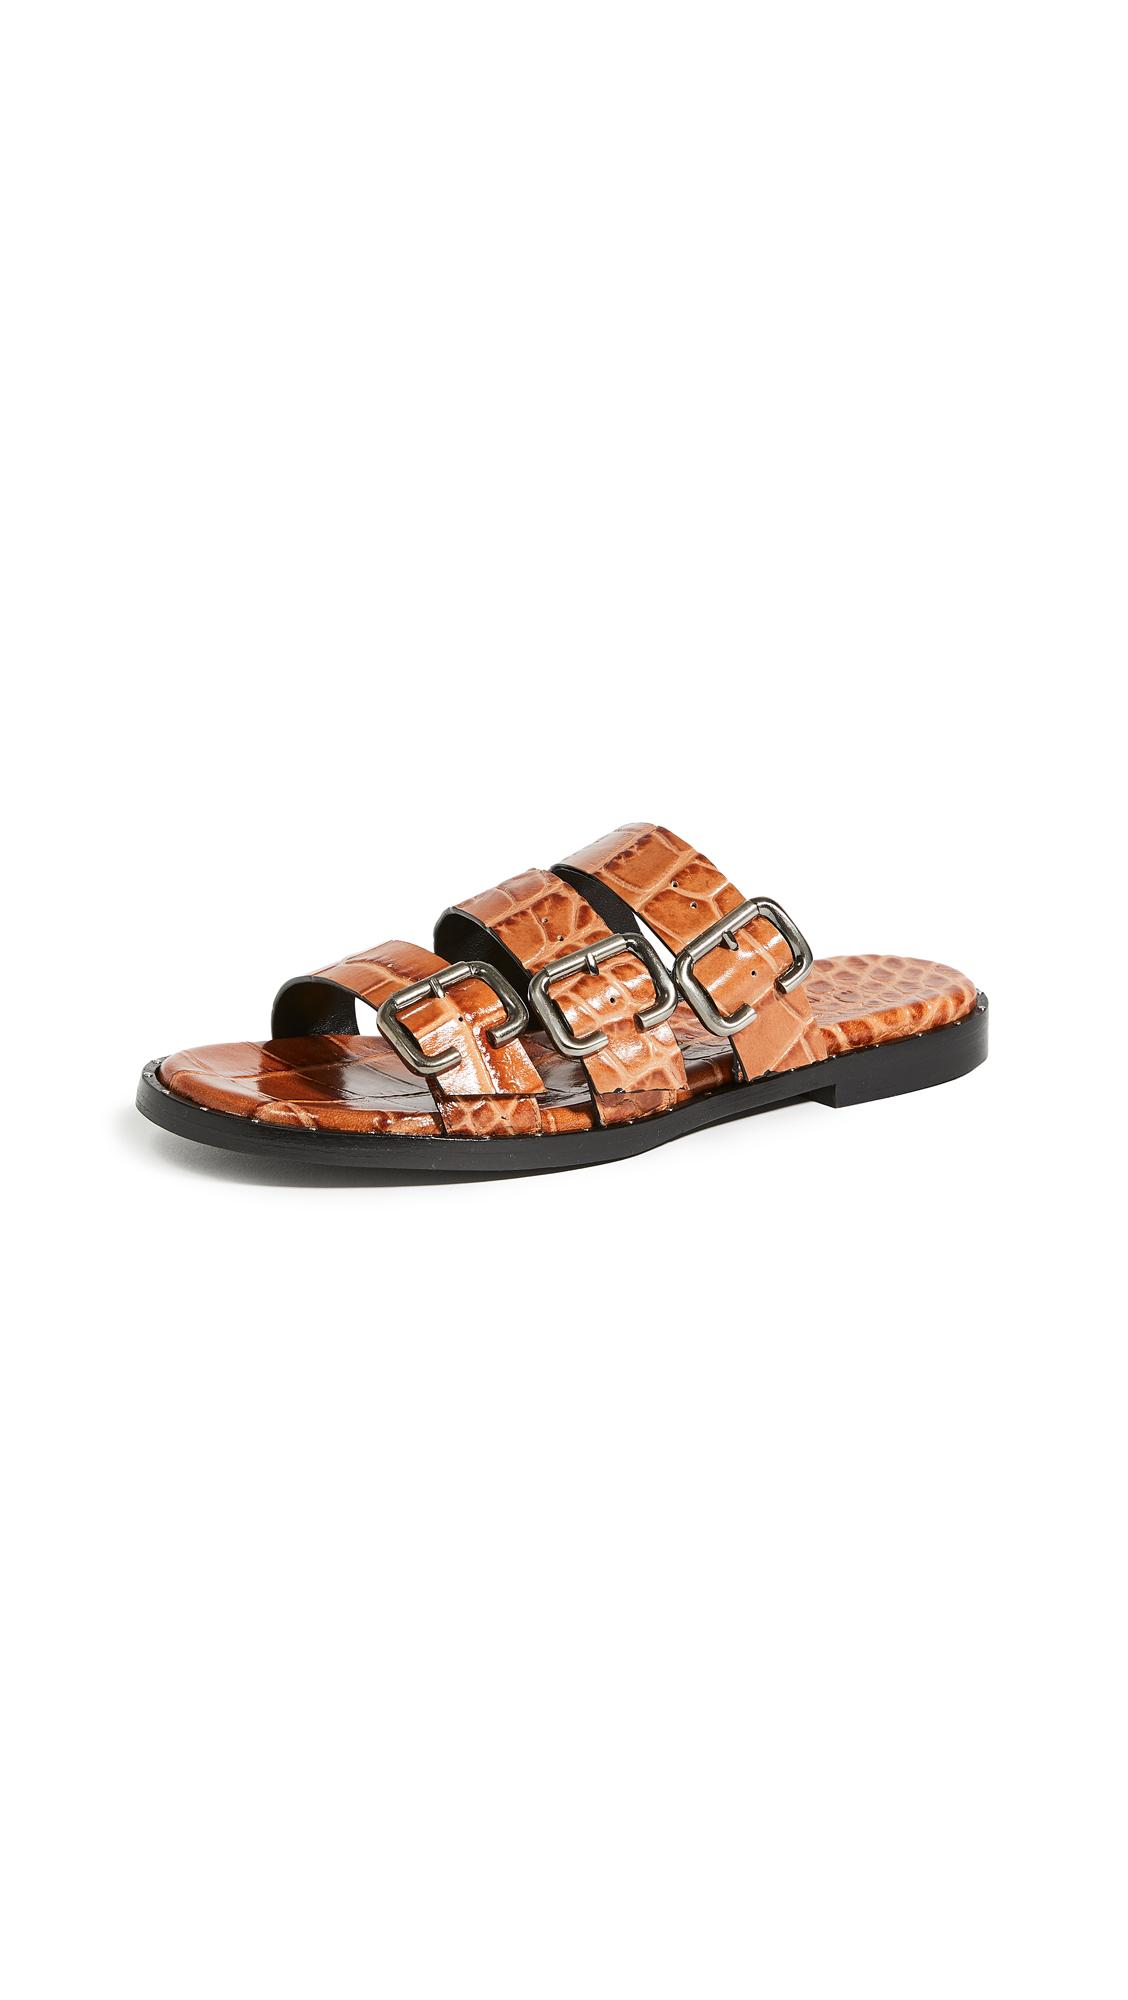 Buy Freda Salvador Ines Multi Strap Sandals online, shop Freda Salvador